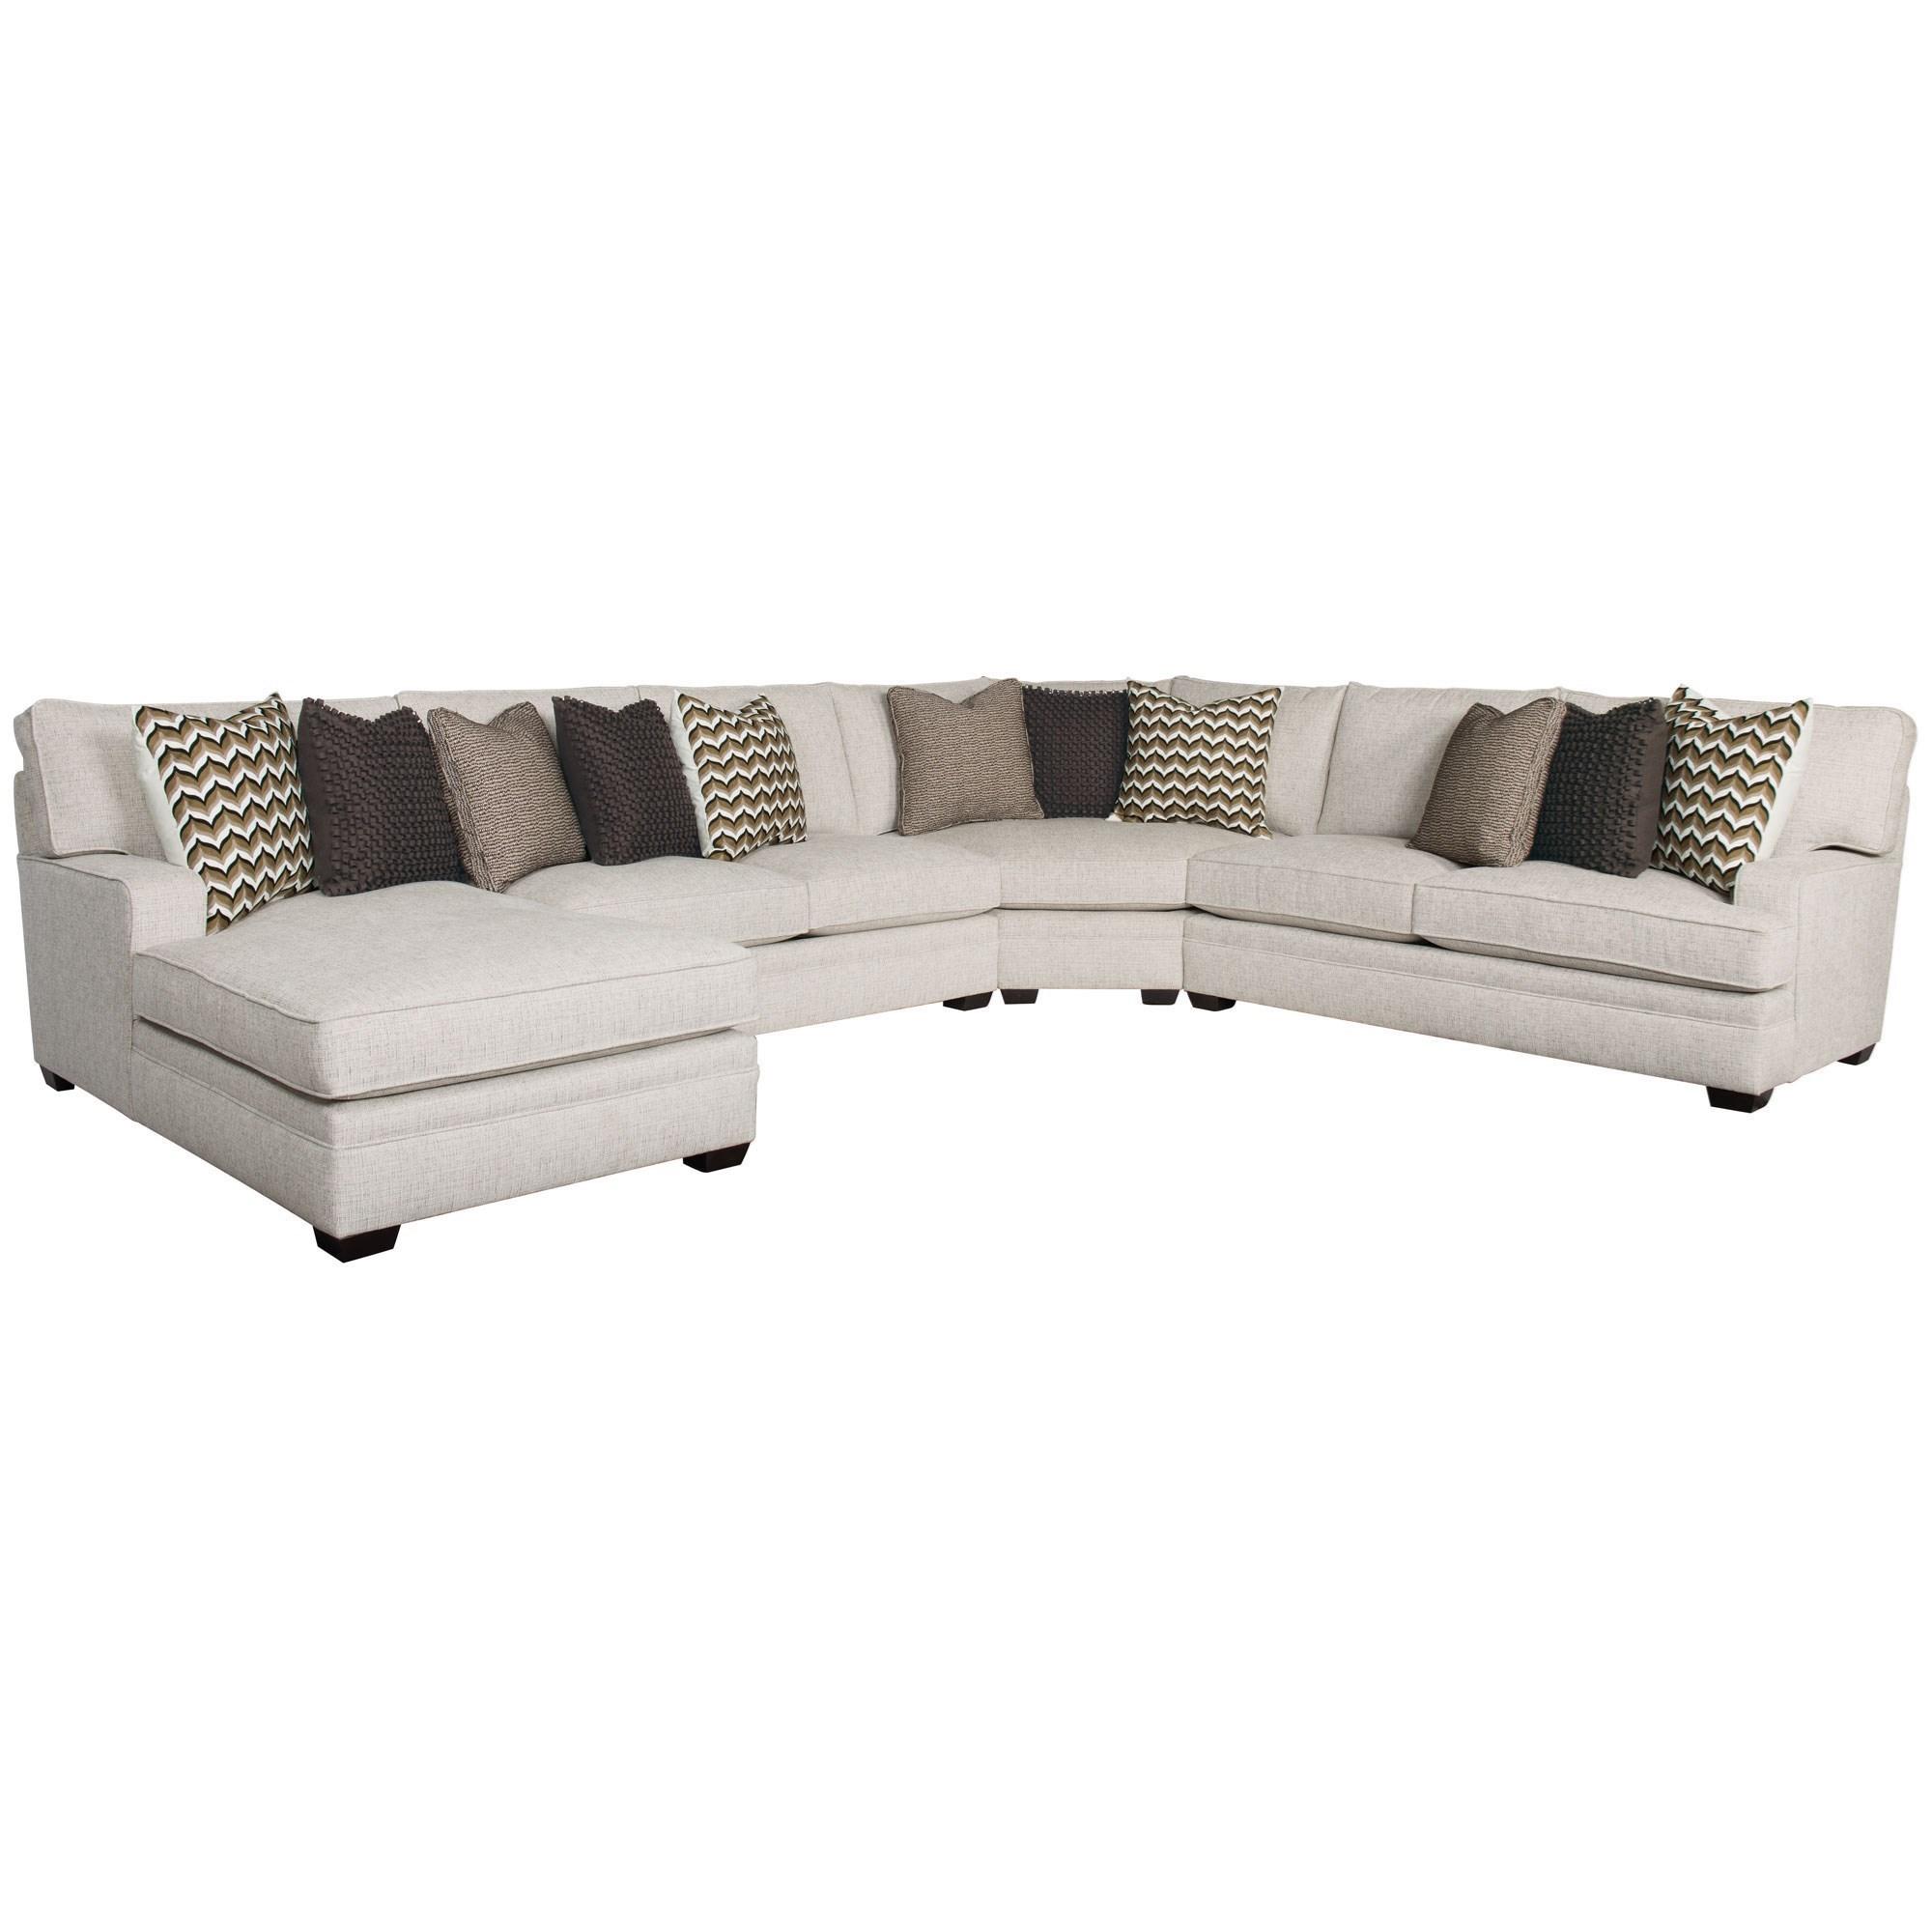 Karsten Four Piece Sectional by Bernhardt at Sprintz Furniture